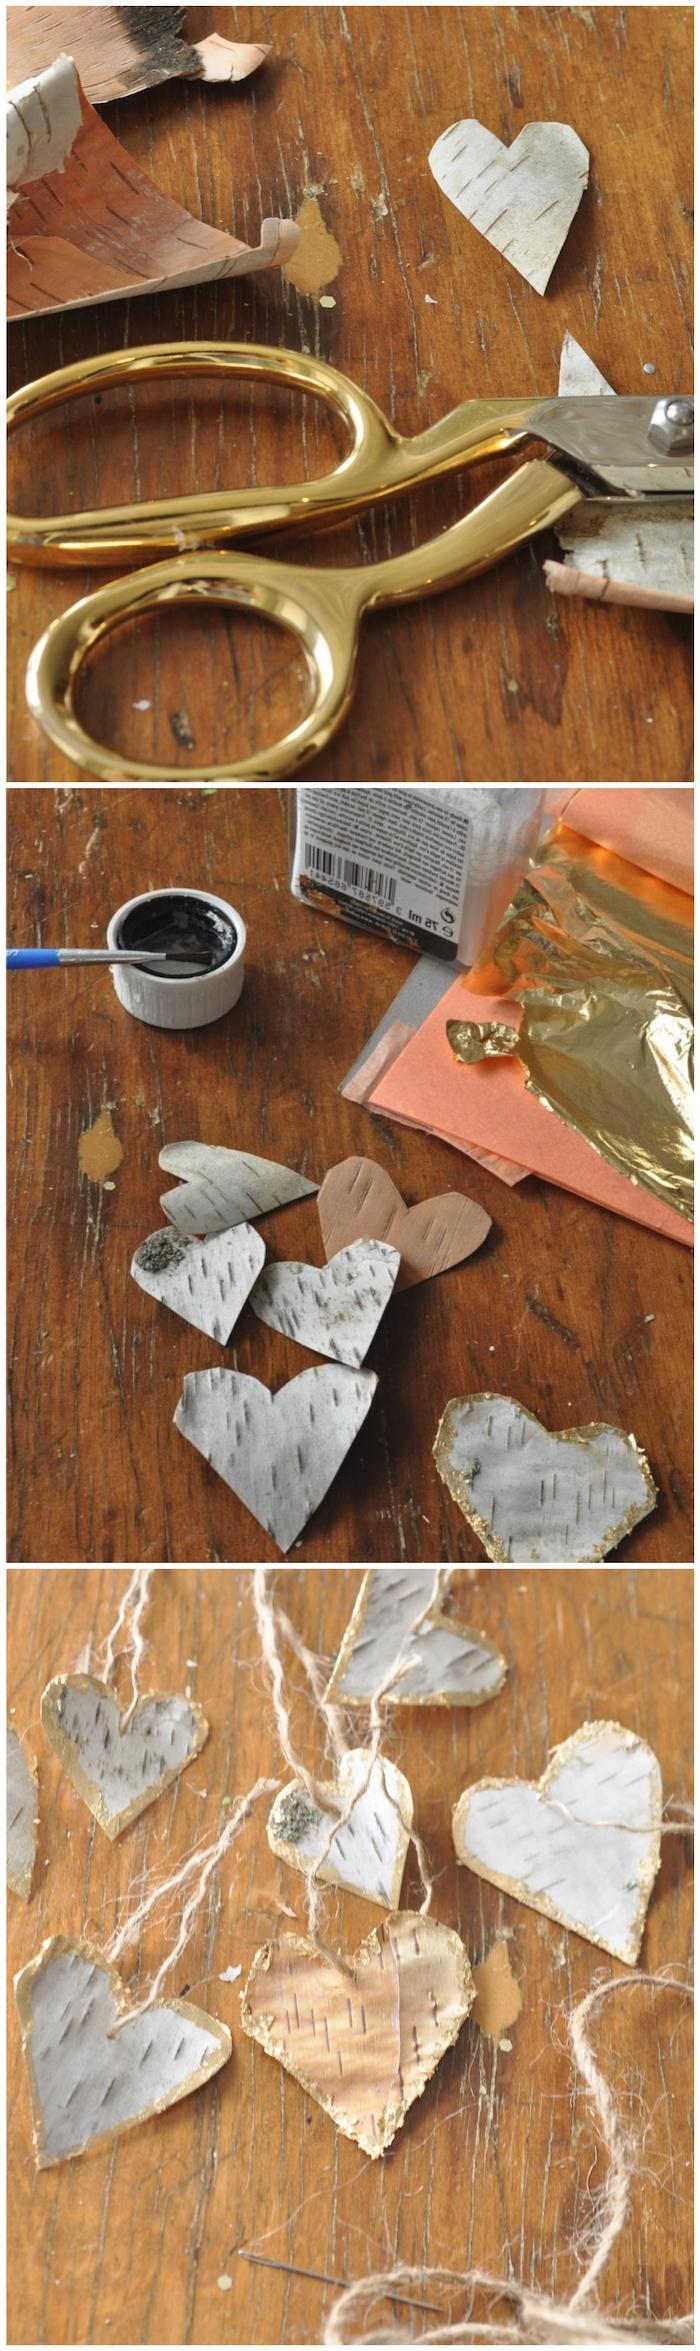 collage diy einleitungen holzstamm deko selber machen schritt für schritt erklärung kreative bastelideen herzen aus birkenholz in gold und silber